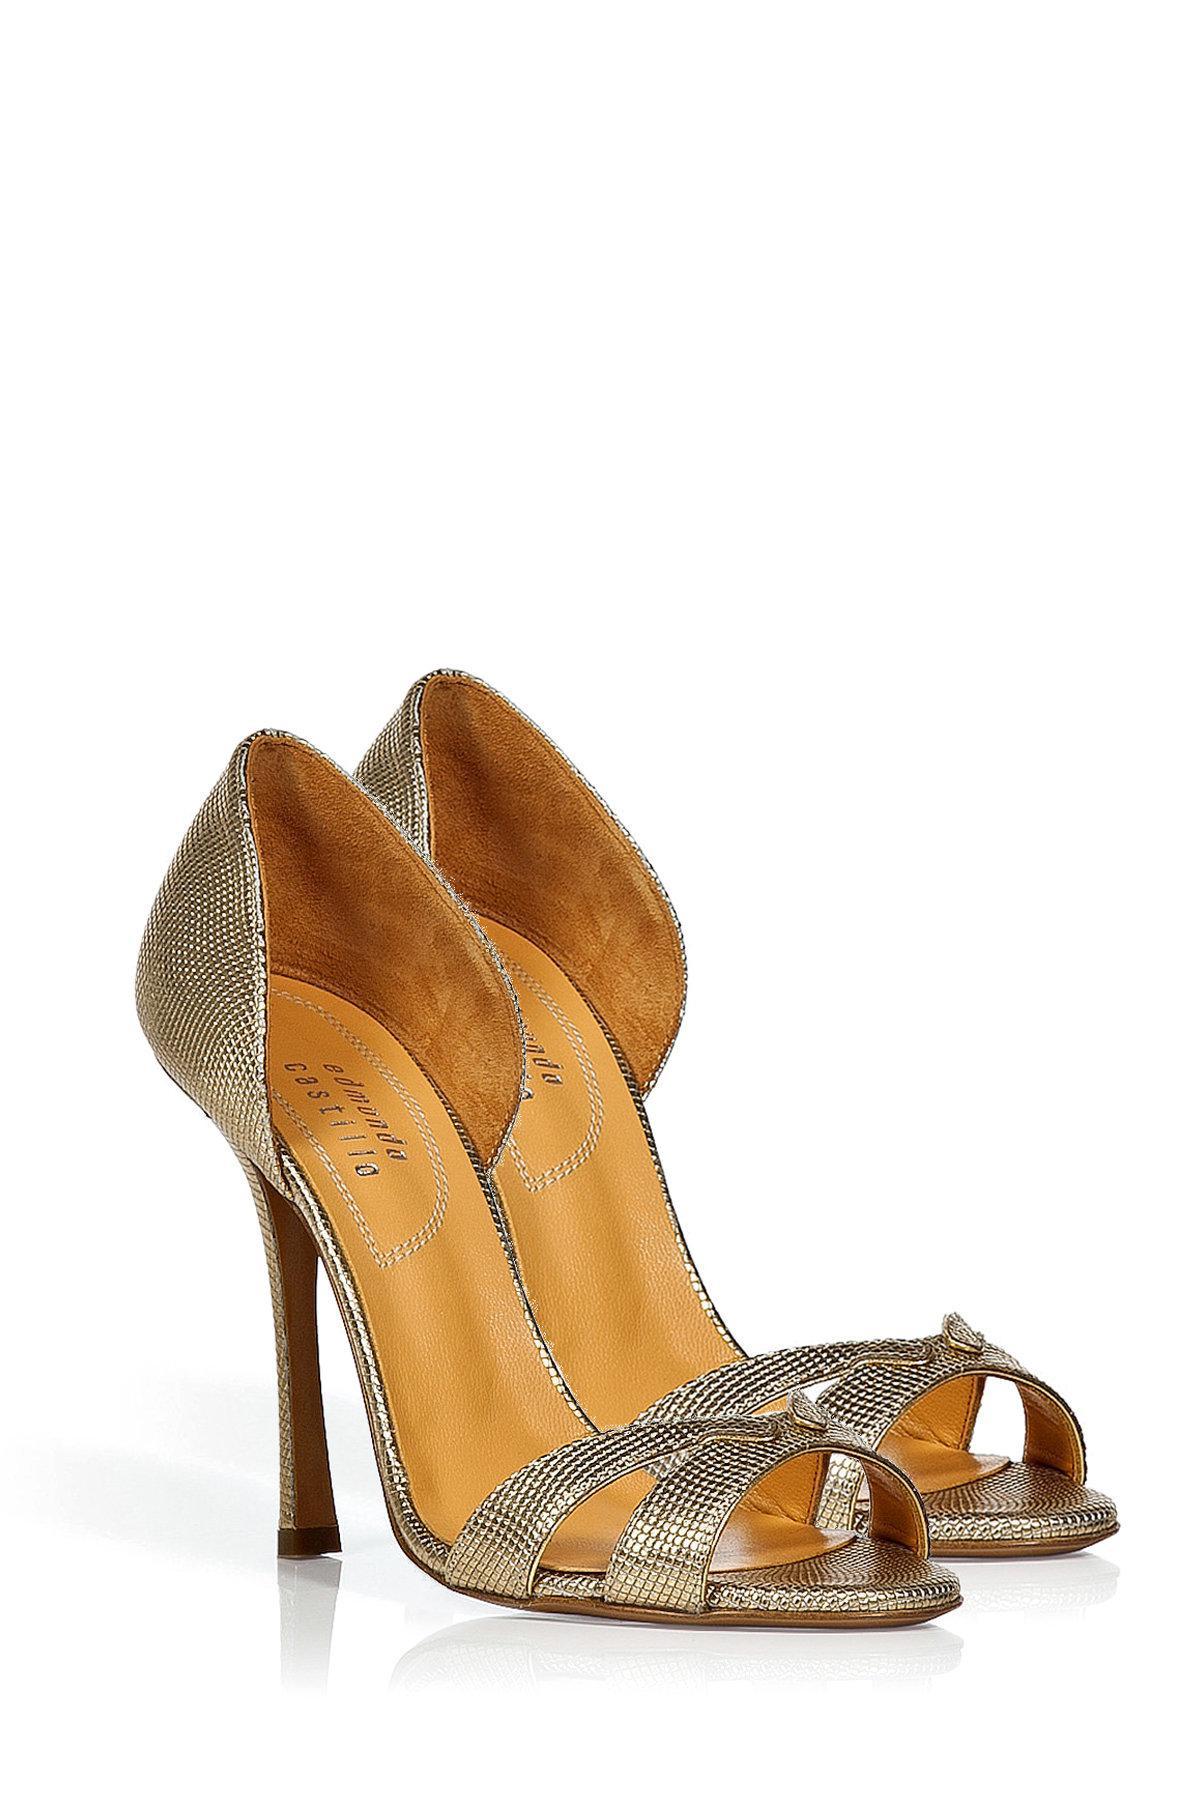 outlet pick a best outlet big sale Edmundo Castillo Metallic Leather Sandals oGlSy